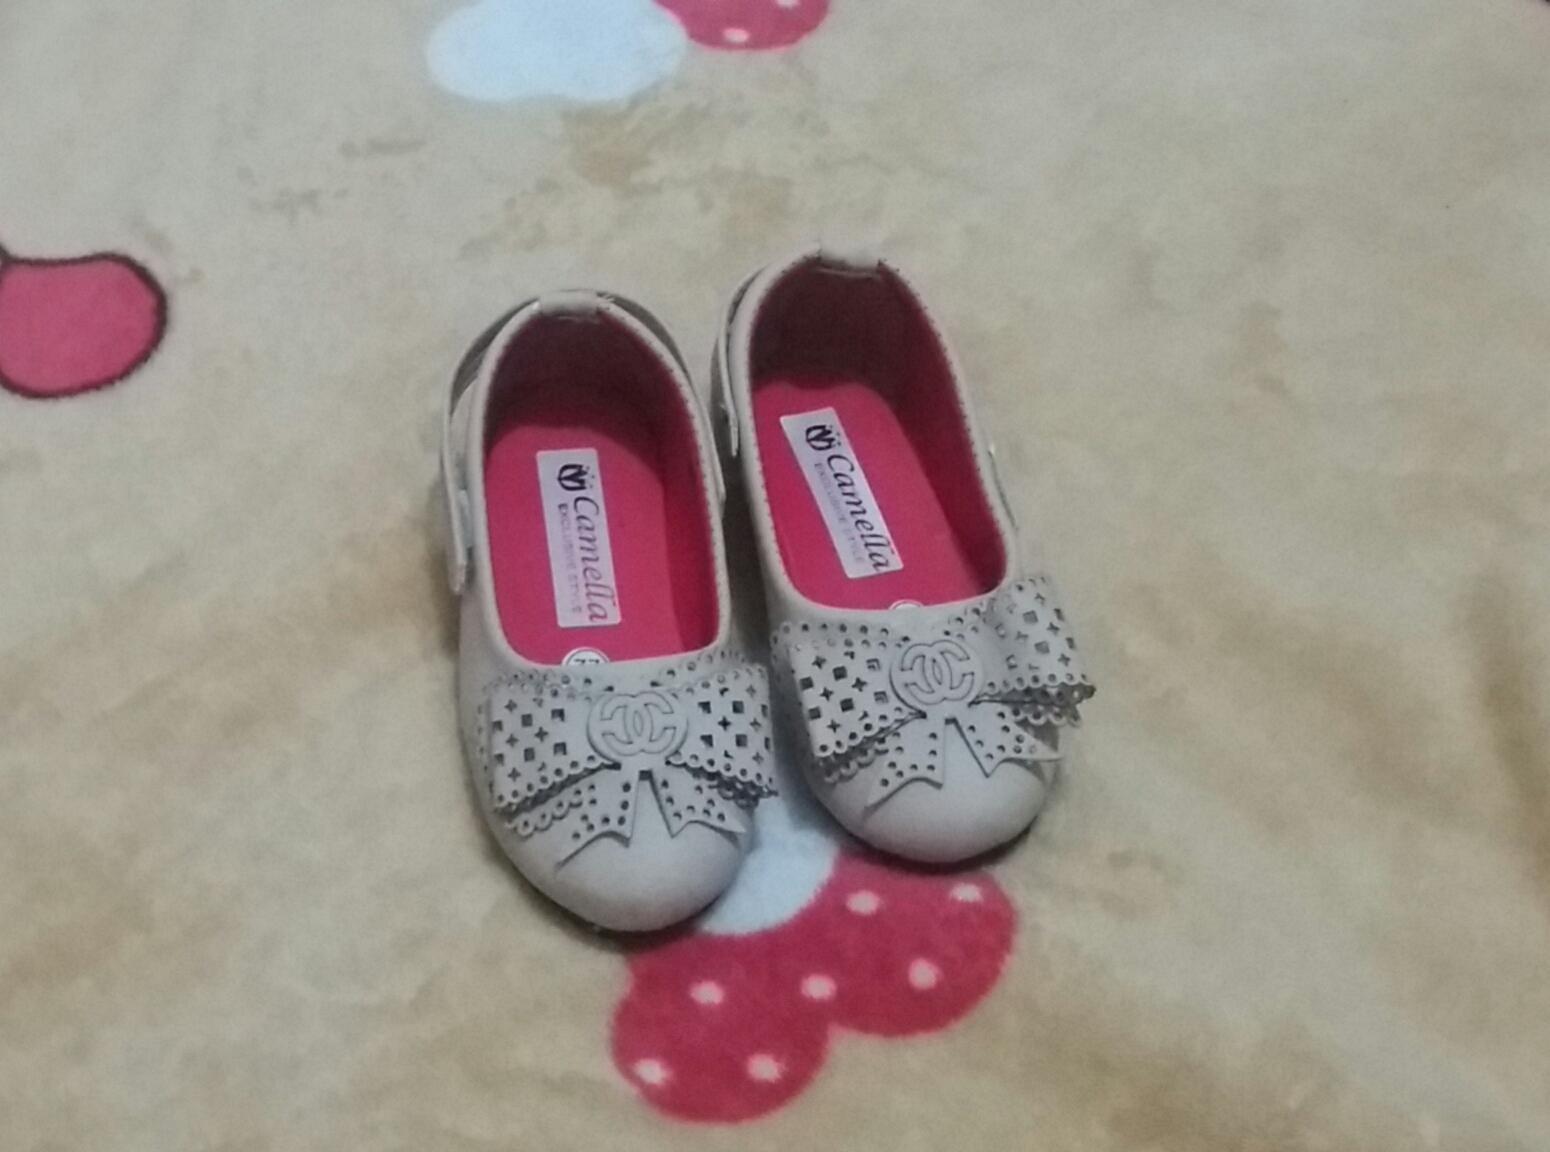 Sandal Selop & Sandal Anak Perempuan Umur 2-5 Thn Tidak Bisa Pilih Warna